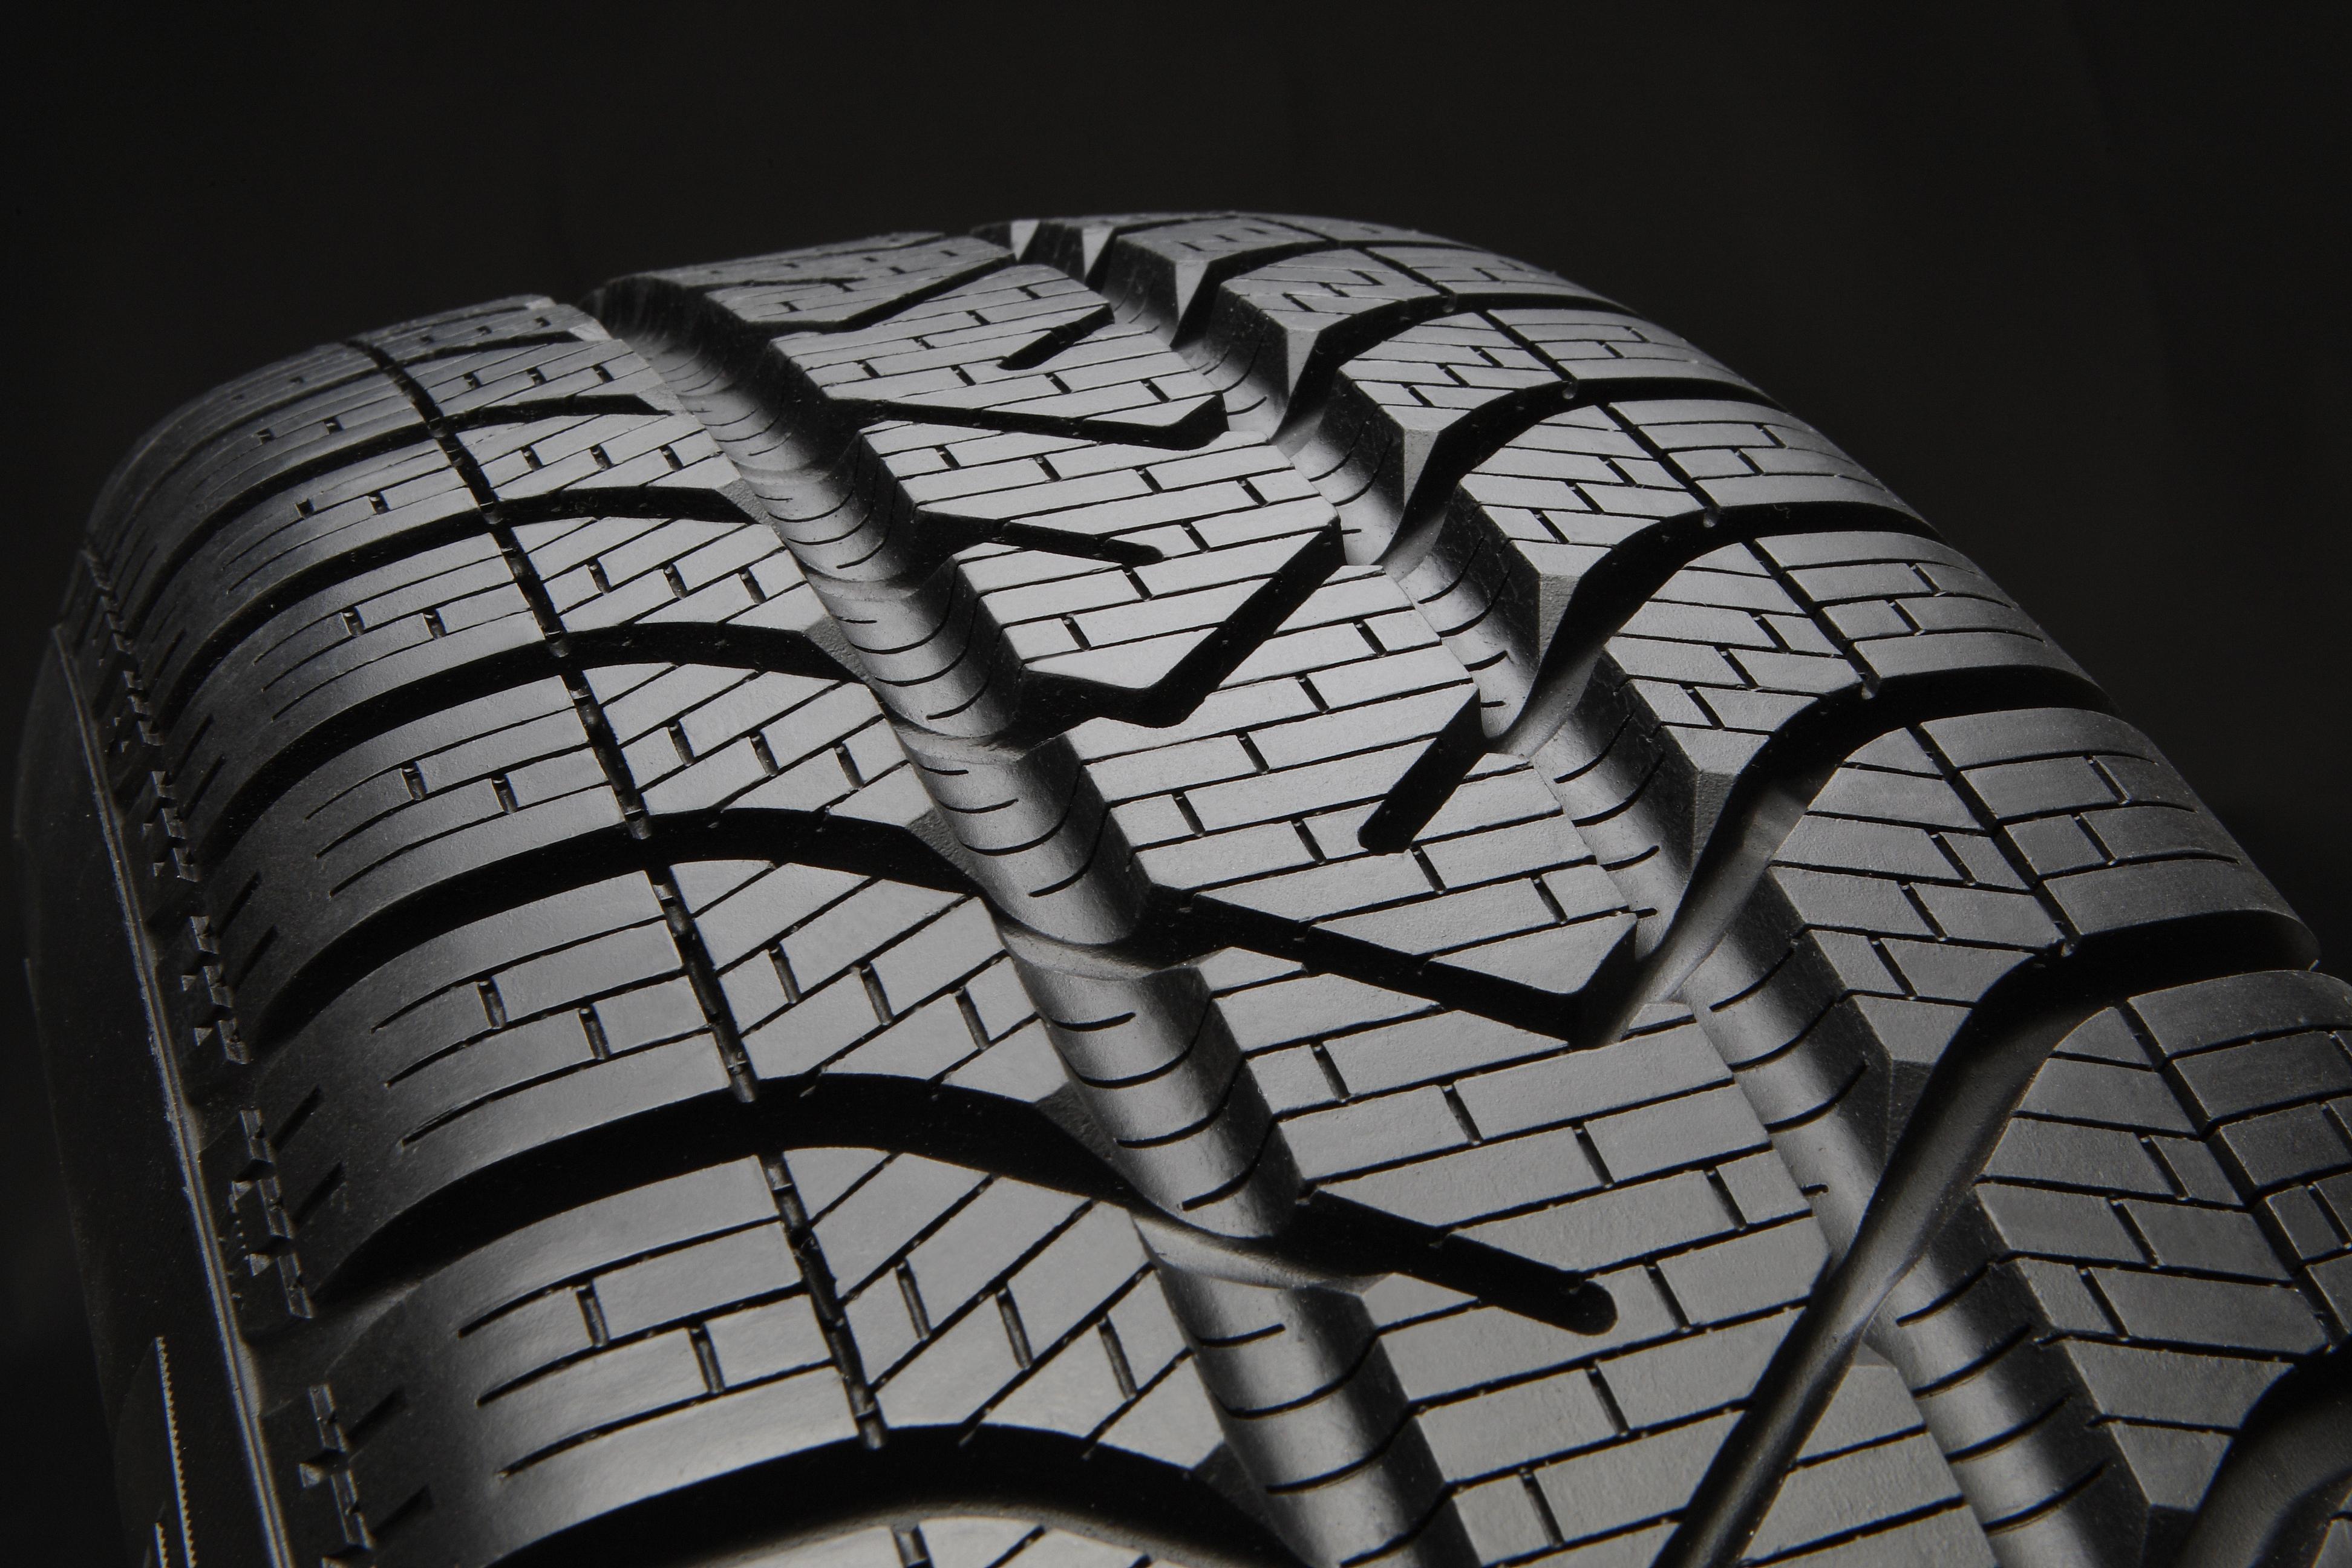 Pneumatici in alternativa per i motoveicoli circolare - Art 79 codice della strada pneumatici diversi ...